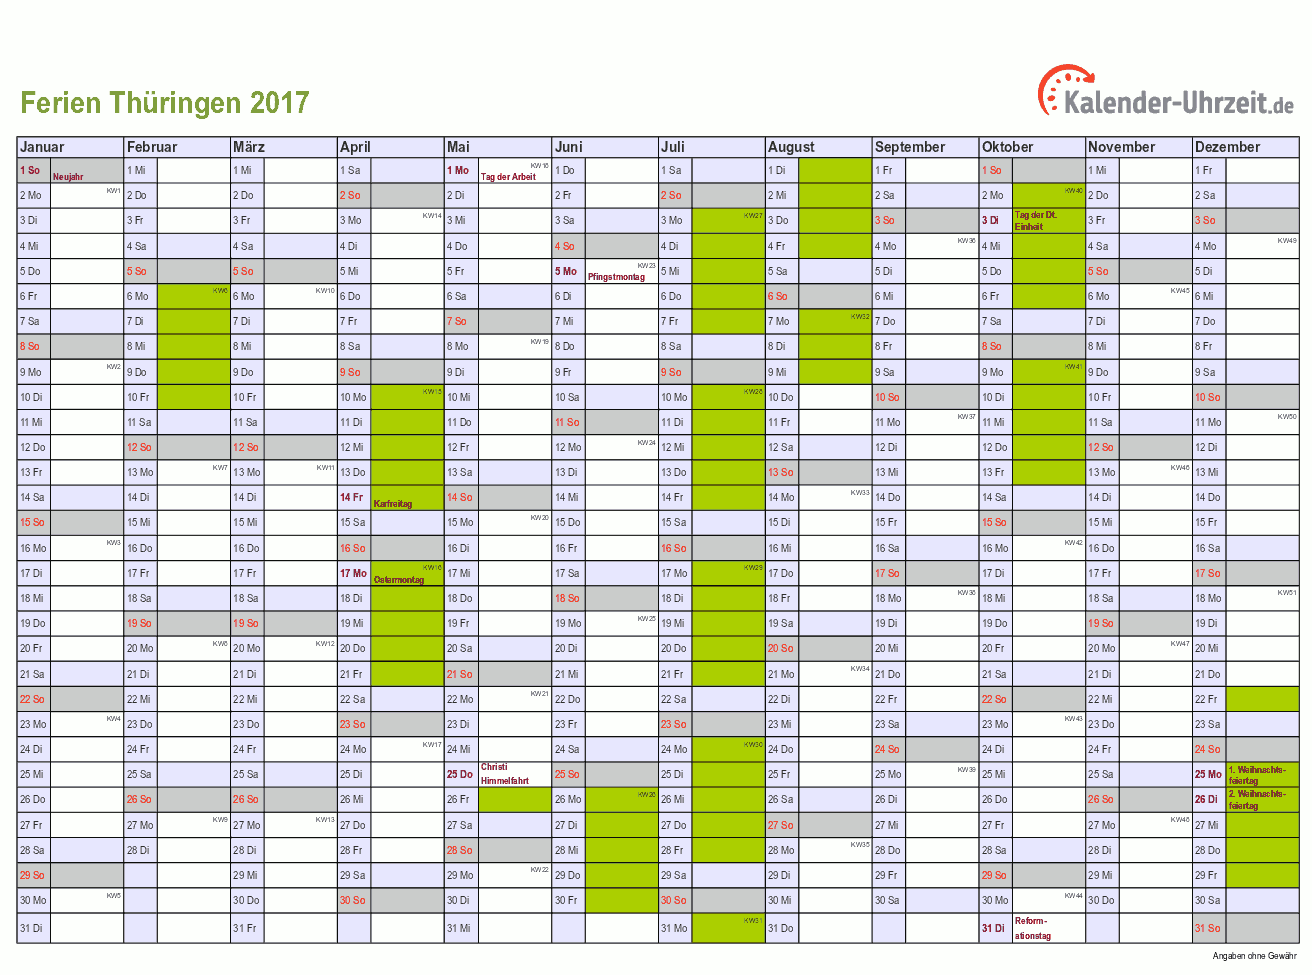 Ferien 2017 Thüringen